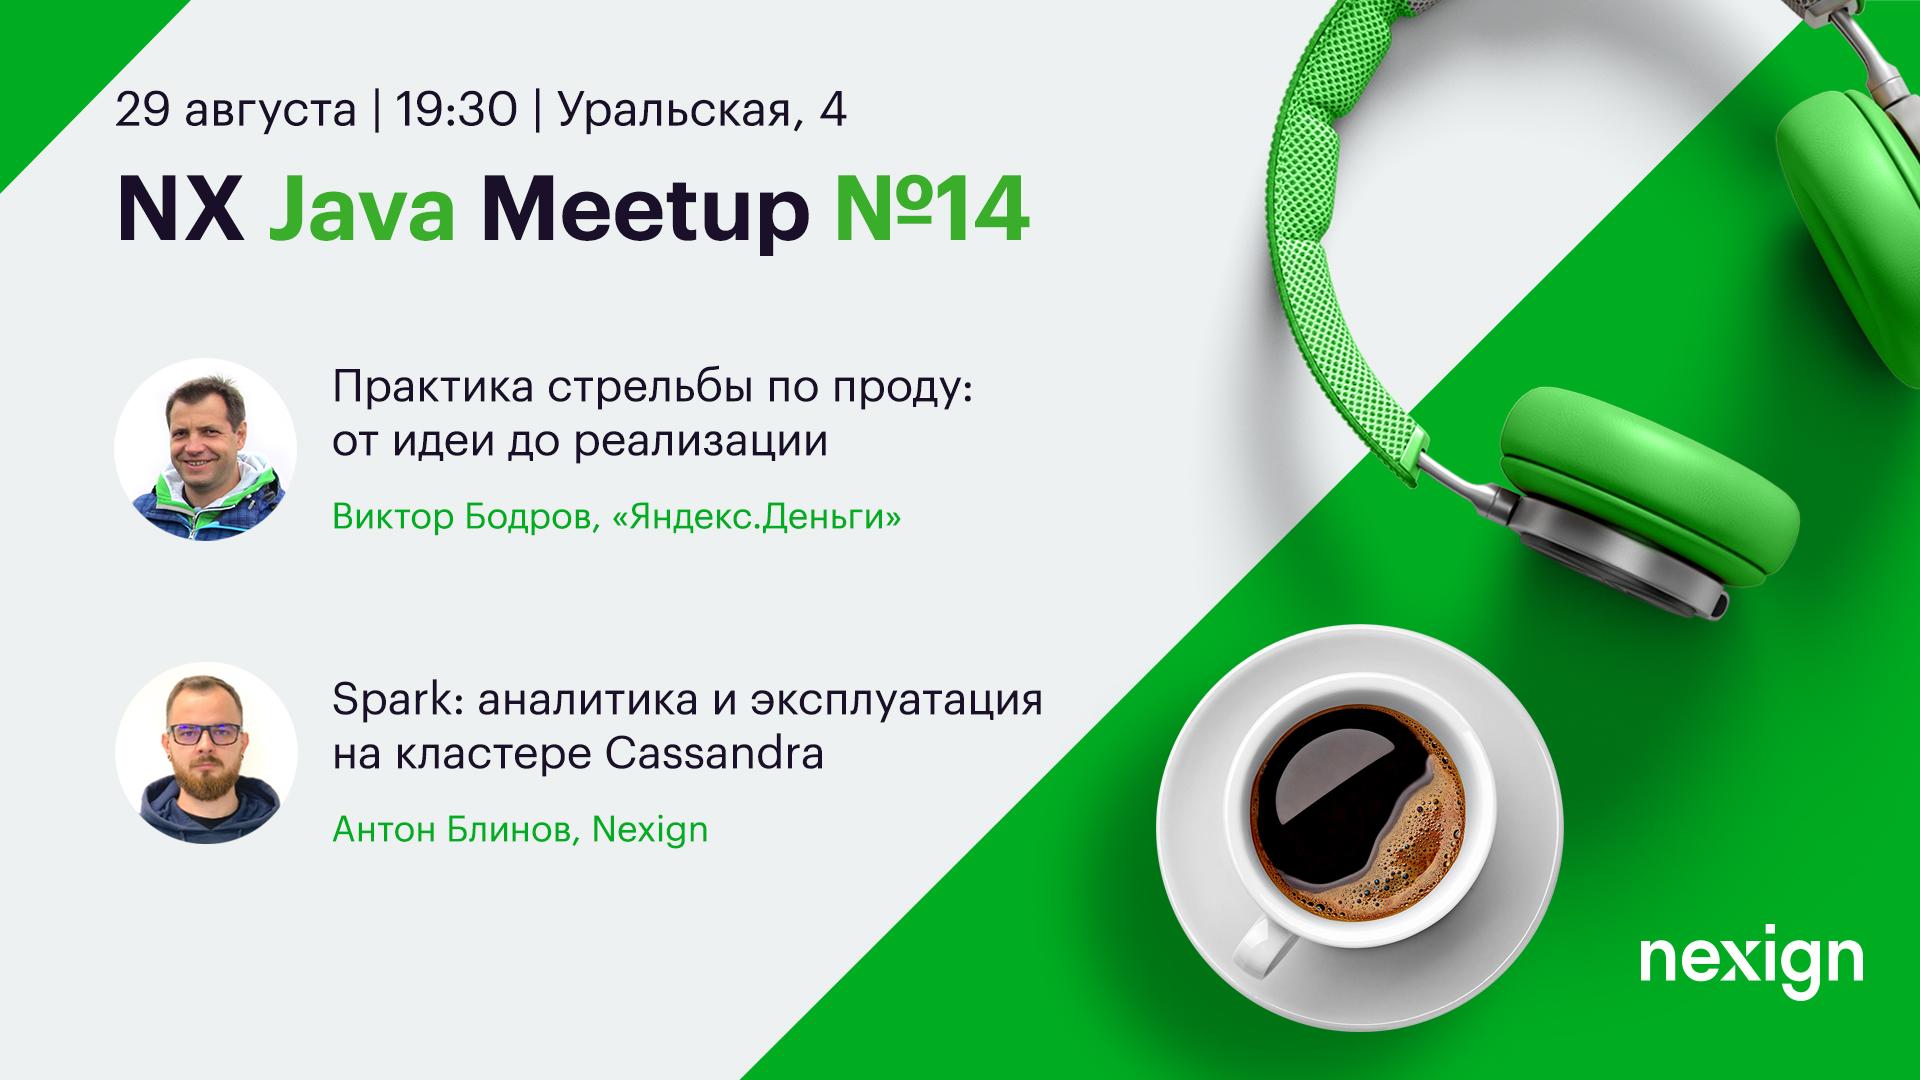 NX JAVA meetup #14: исследование производительности на проде, плюсы и минусы Spark в решениях на основе Cassandra